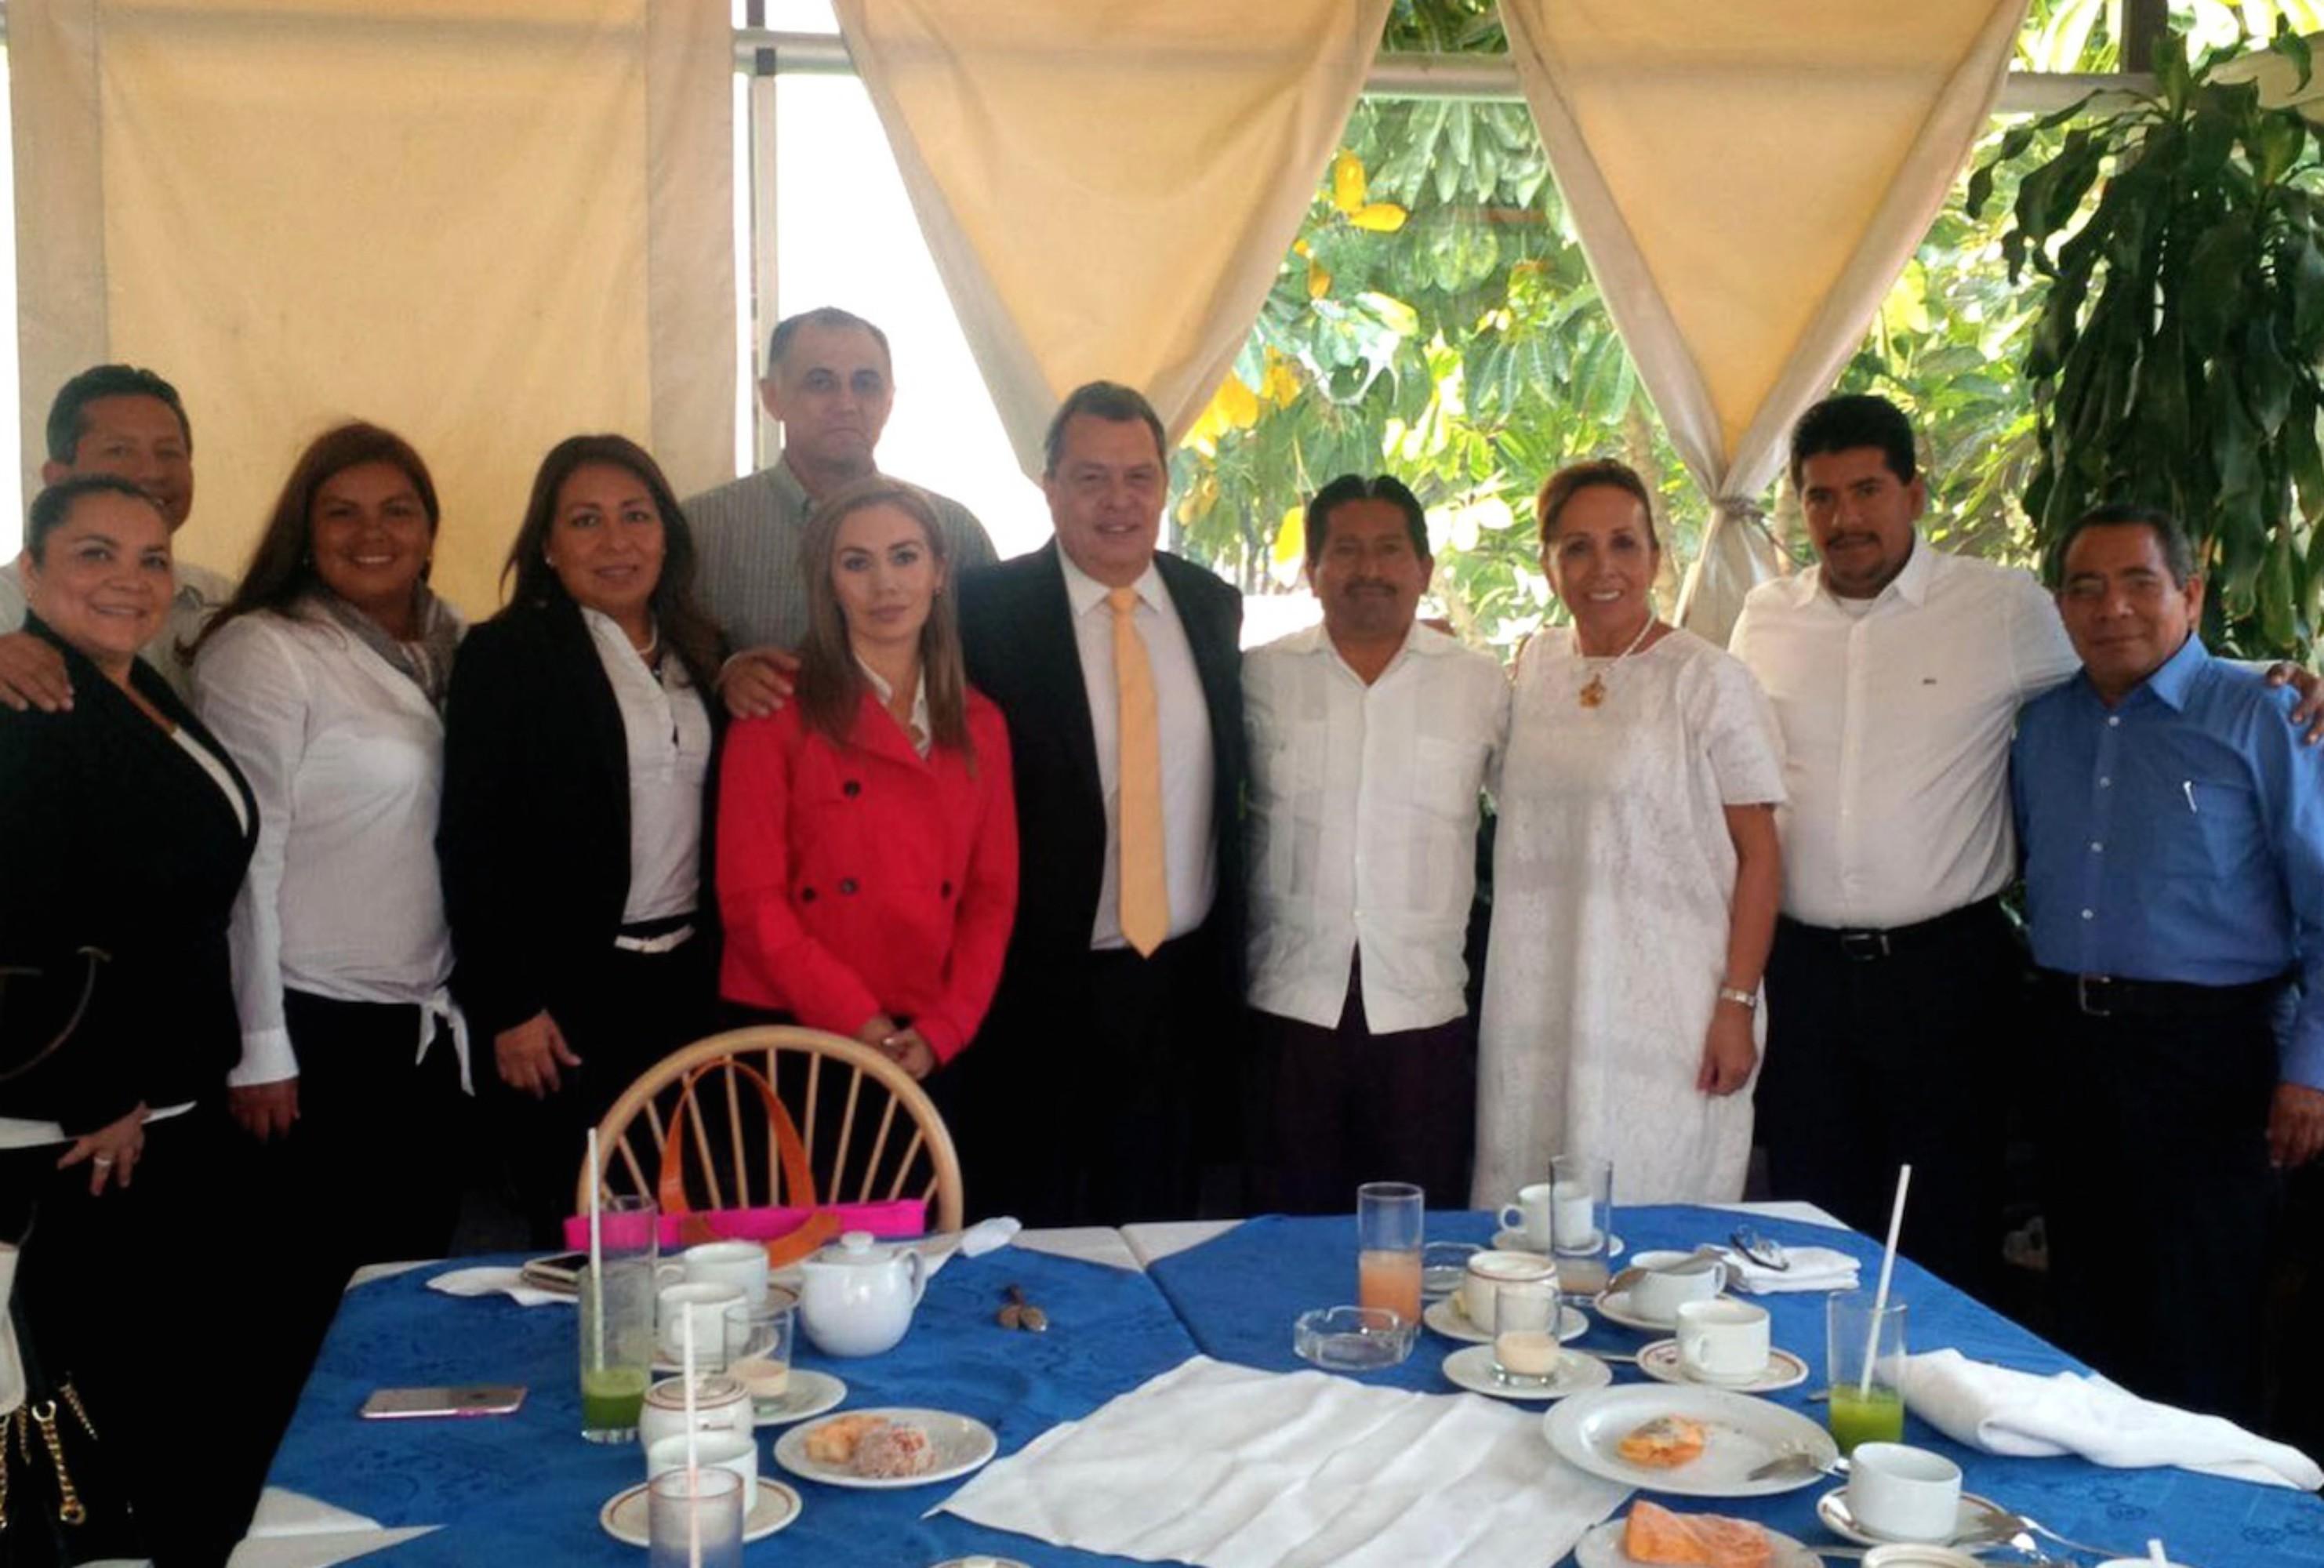 el-sur-acapulco-ishot-4-5-1-1.jpg-1